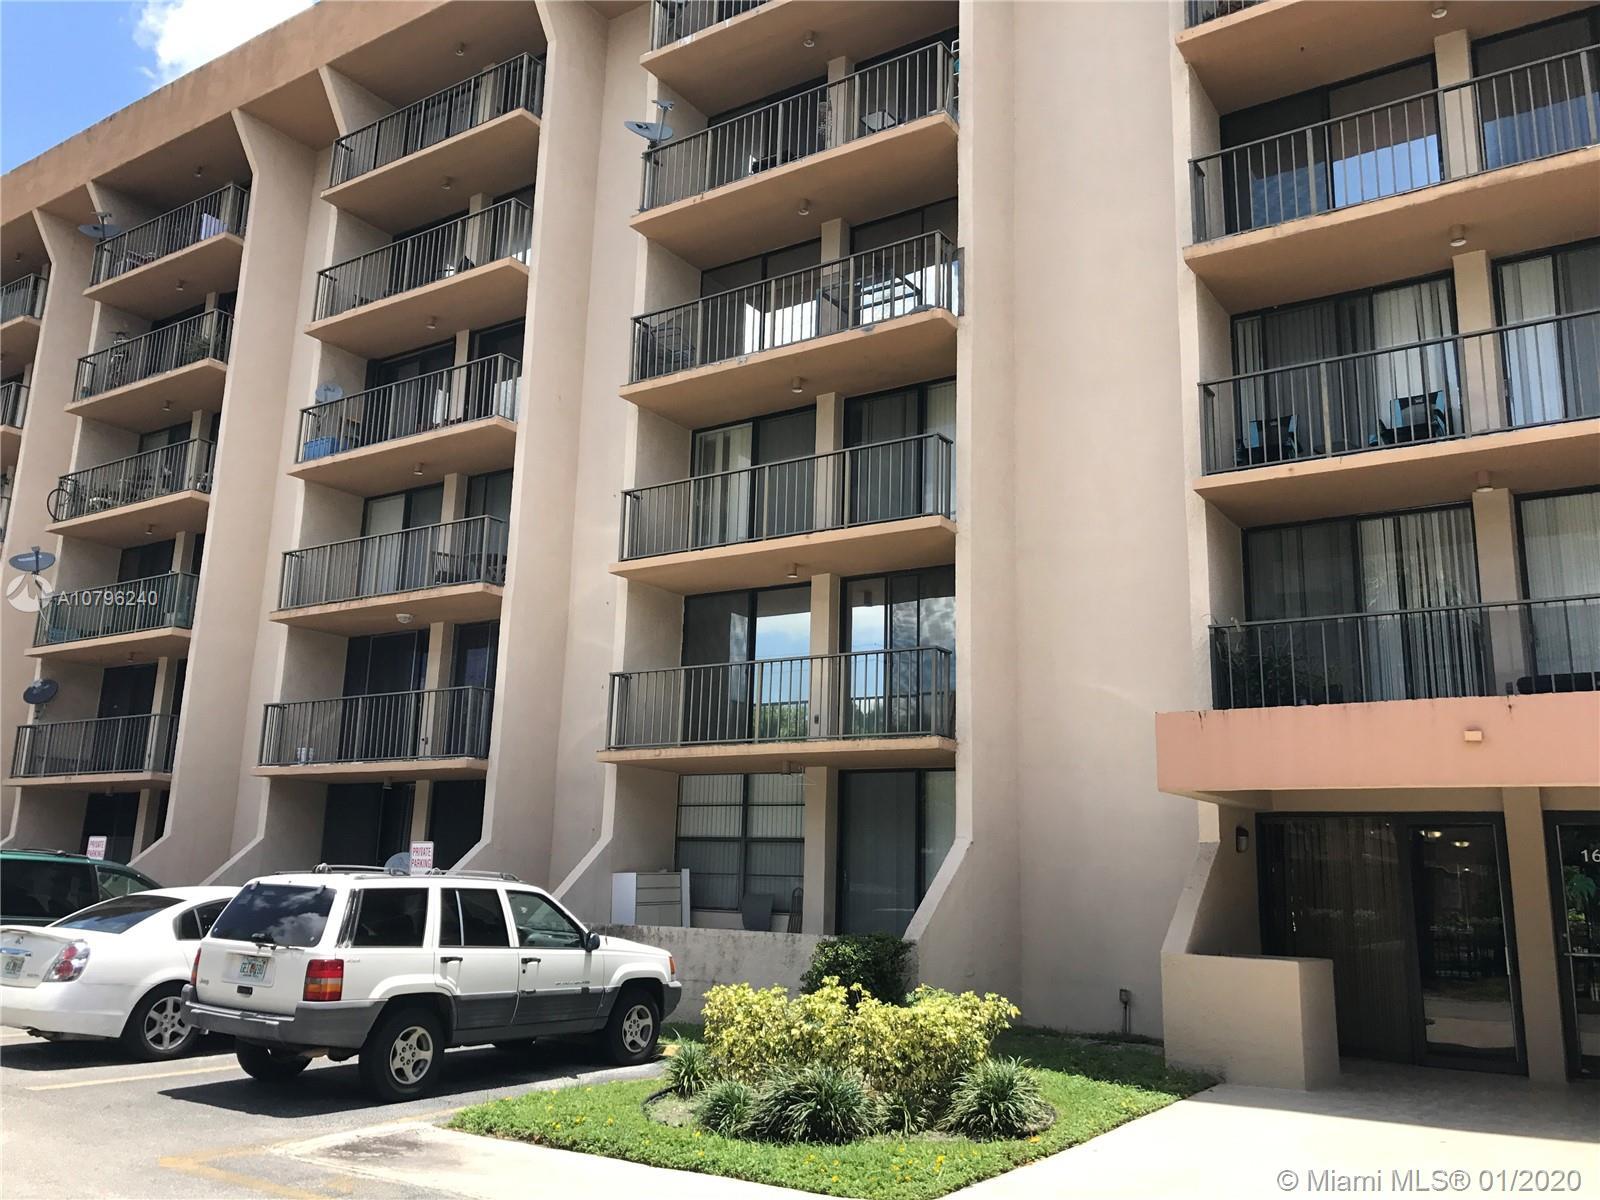 16751 NE 9th Ave #104 For Sale A10796240, FL